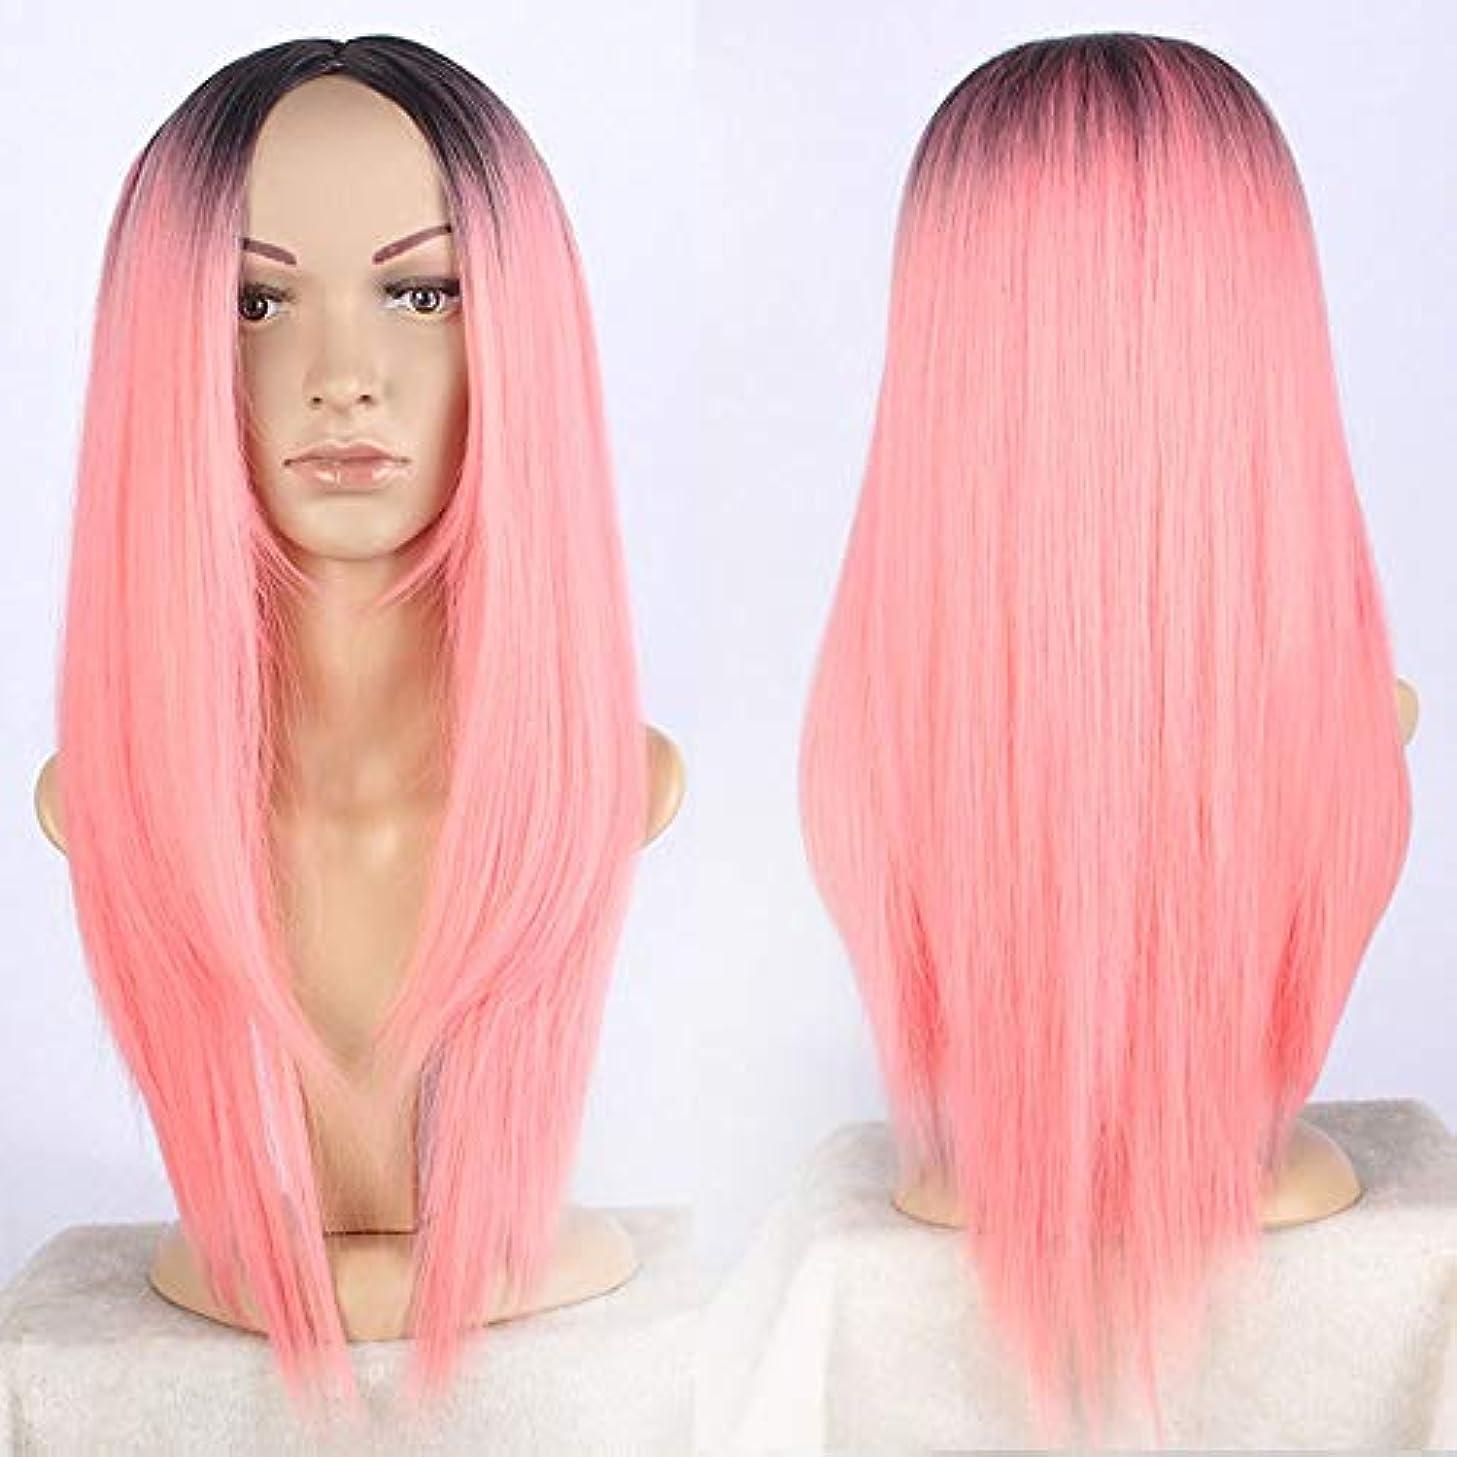 階保護する予算WASAIO 女性のためのピンクのかつらダークルーツ自然に見えるストレートフルウィッグデイリードレス耐熱ブロンドアクセサリーヘアスタイルの交換 (色 : ピンク)